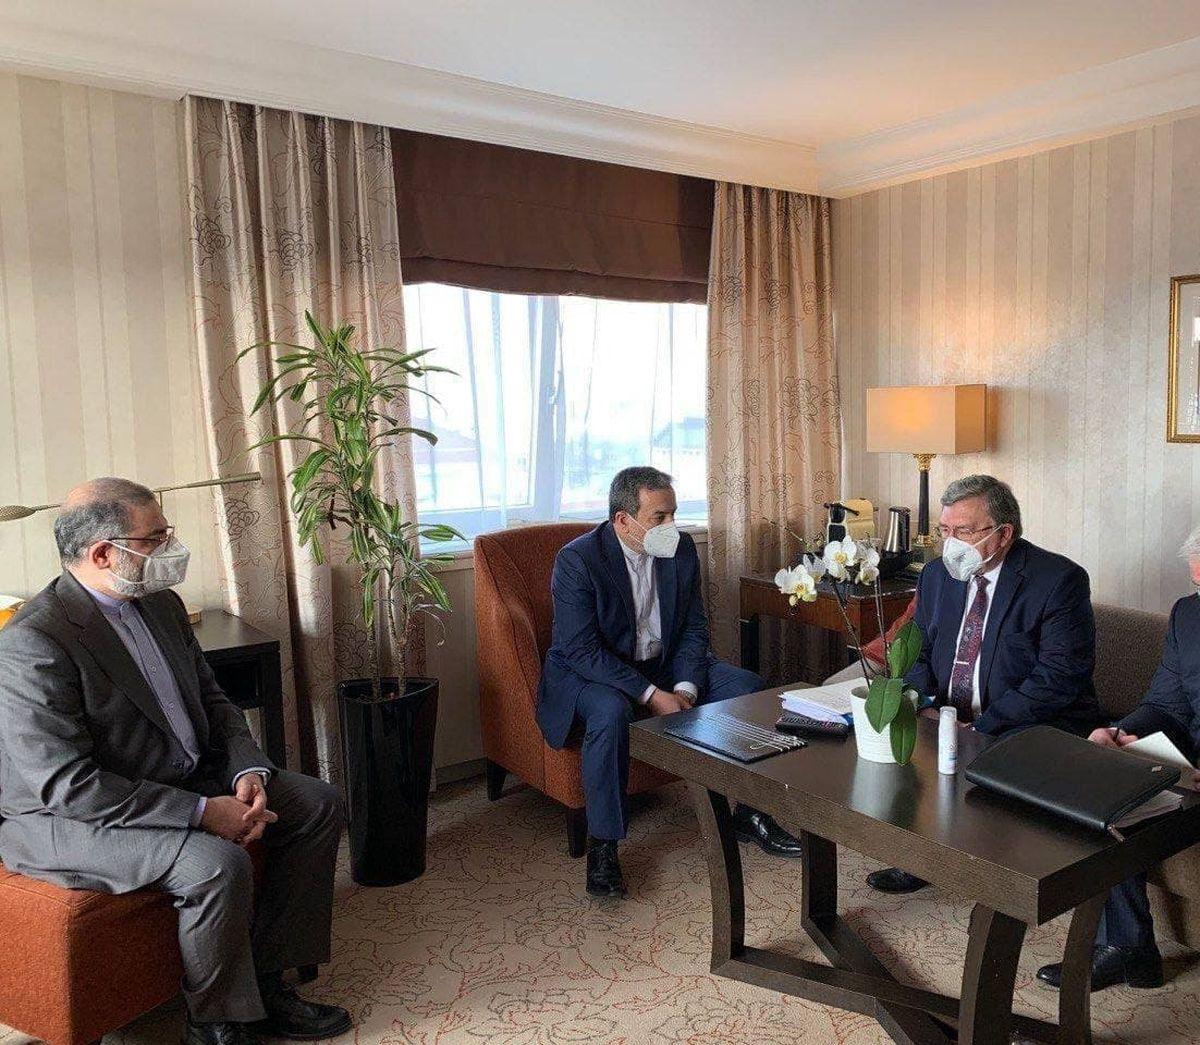 جلسه روسای هیأتهای ایران و روسیه در آستانه نشست کمیسیون برجام